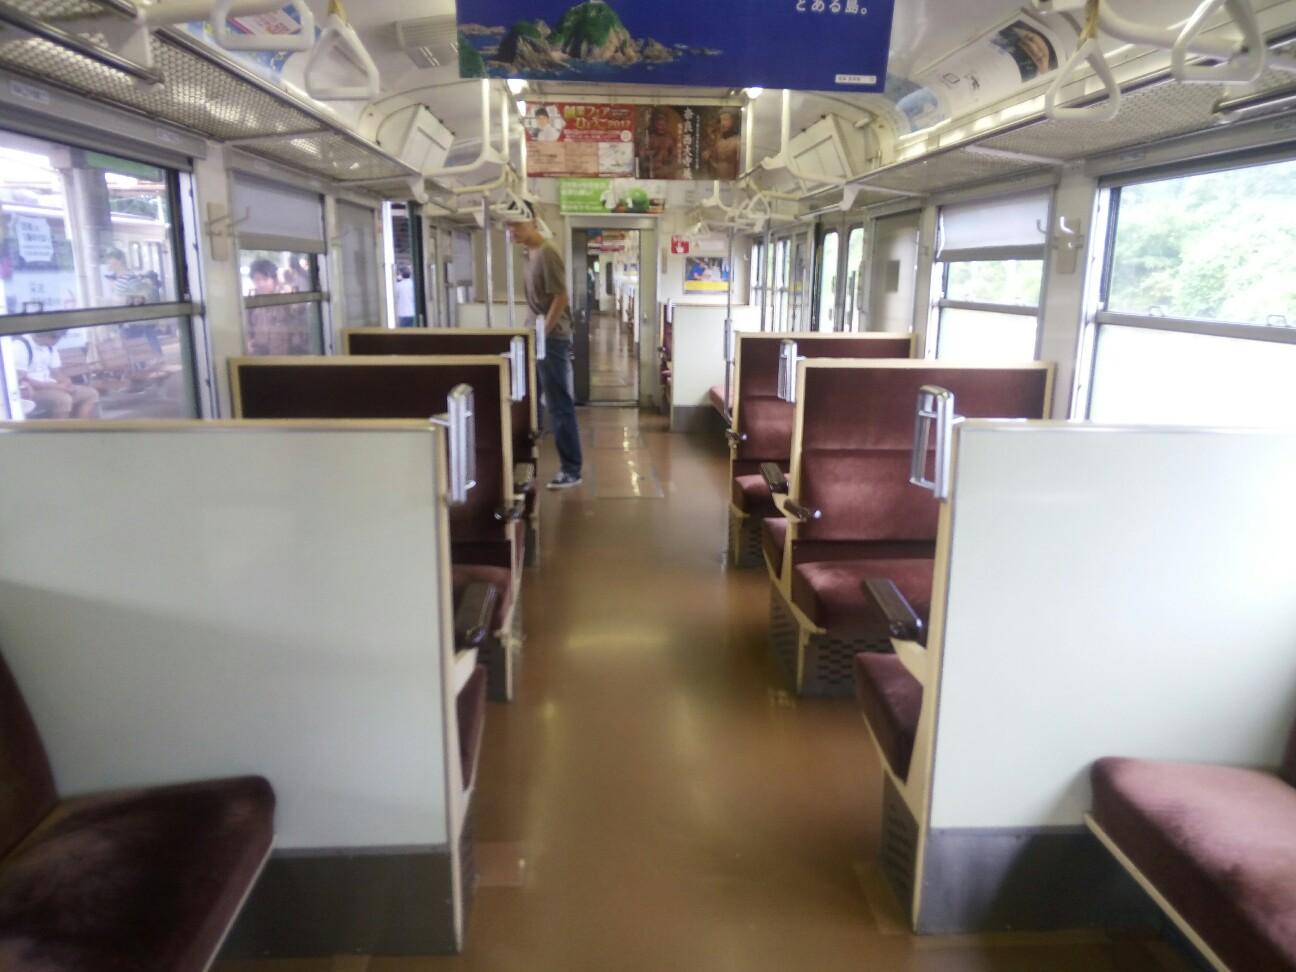 f:id:Osakaloopline:20171009015959j:image